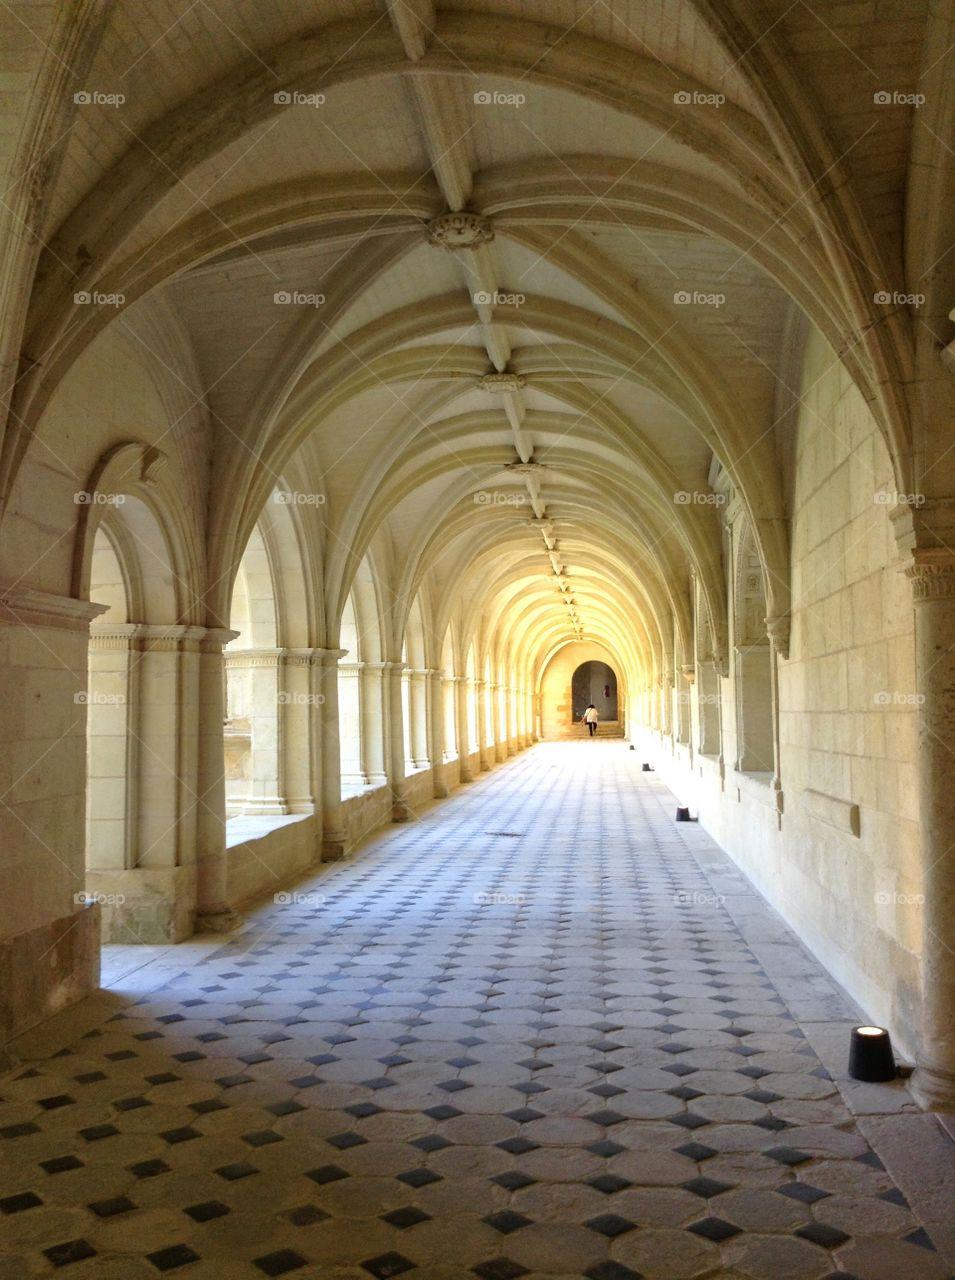 Monastery. France